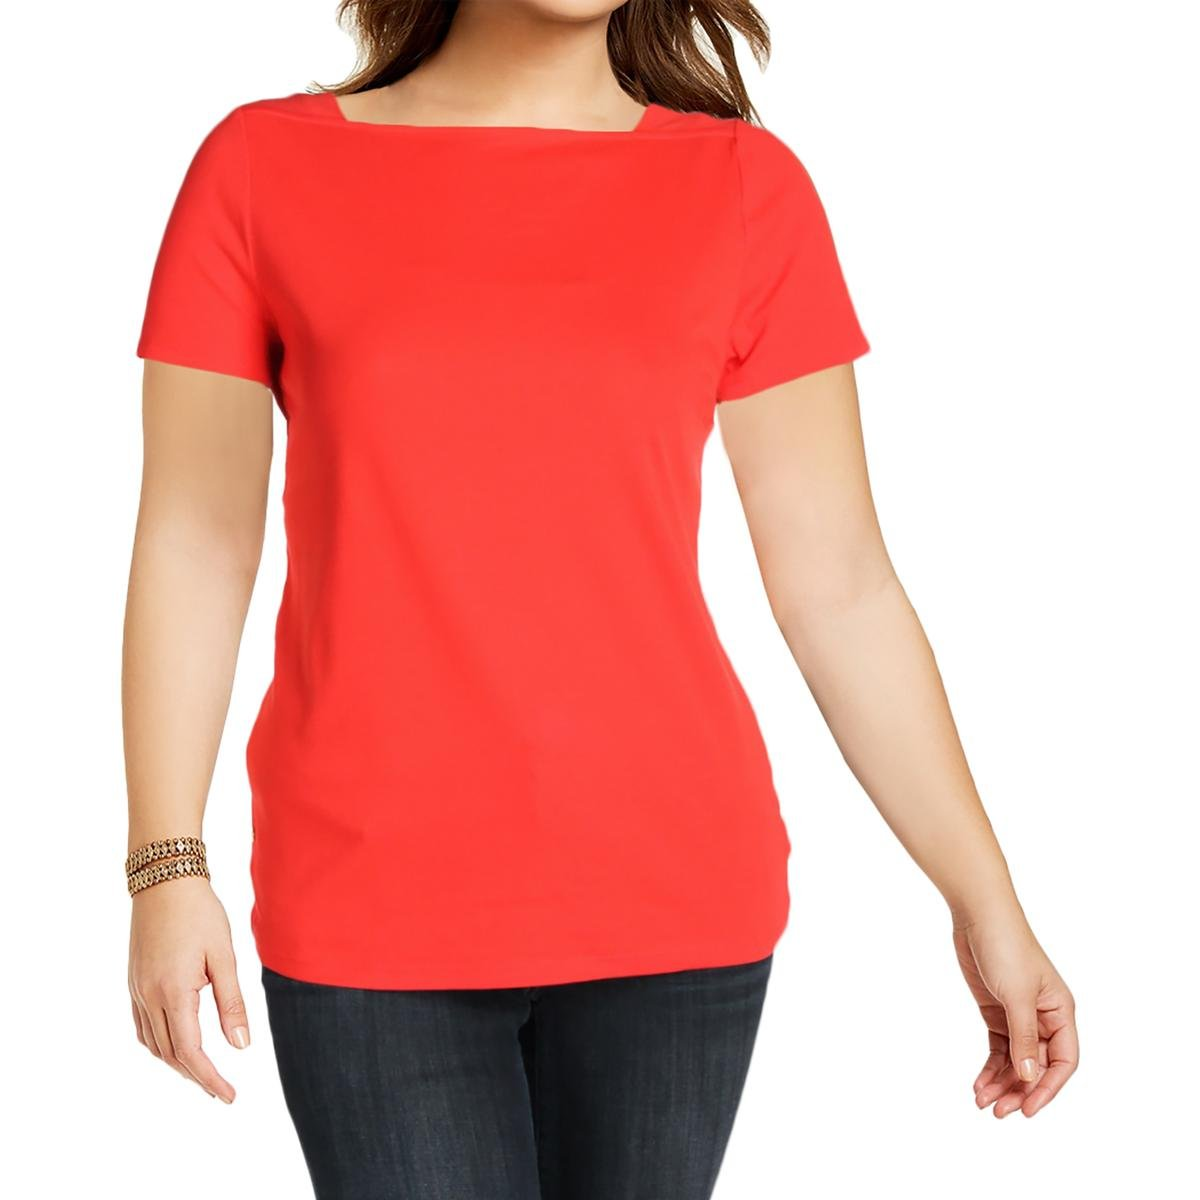 Lauren Ralph Lauren Womens Plus Boat Neck Embellished T-Shirt Red 1X